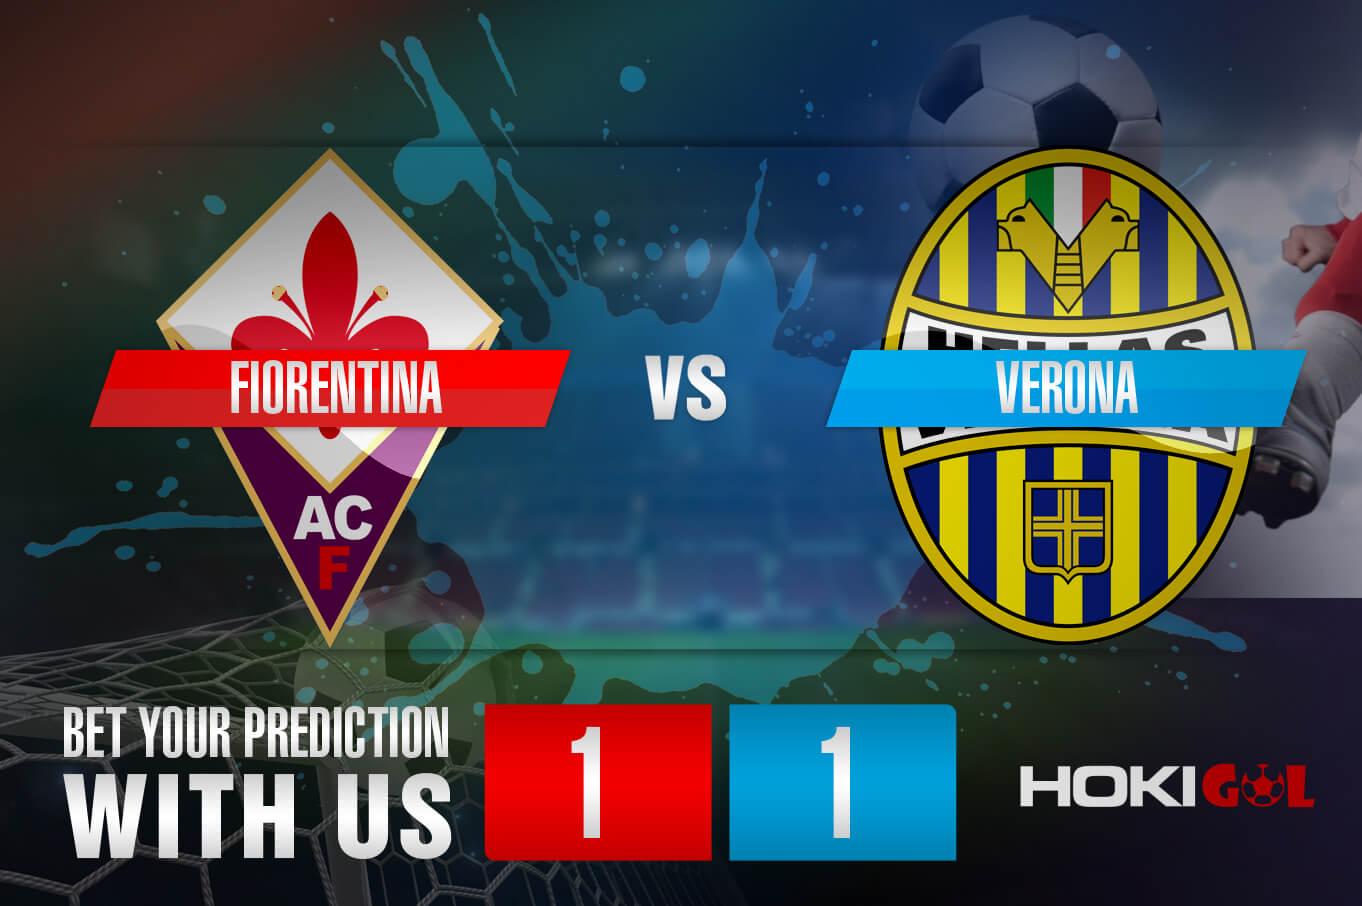 Prediksi Bola Fiorentina Vs Verona 19 Desember 2020